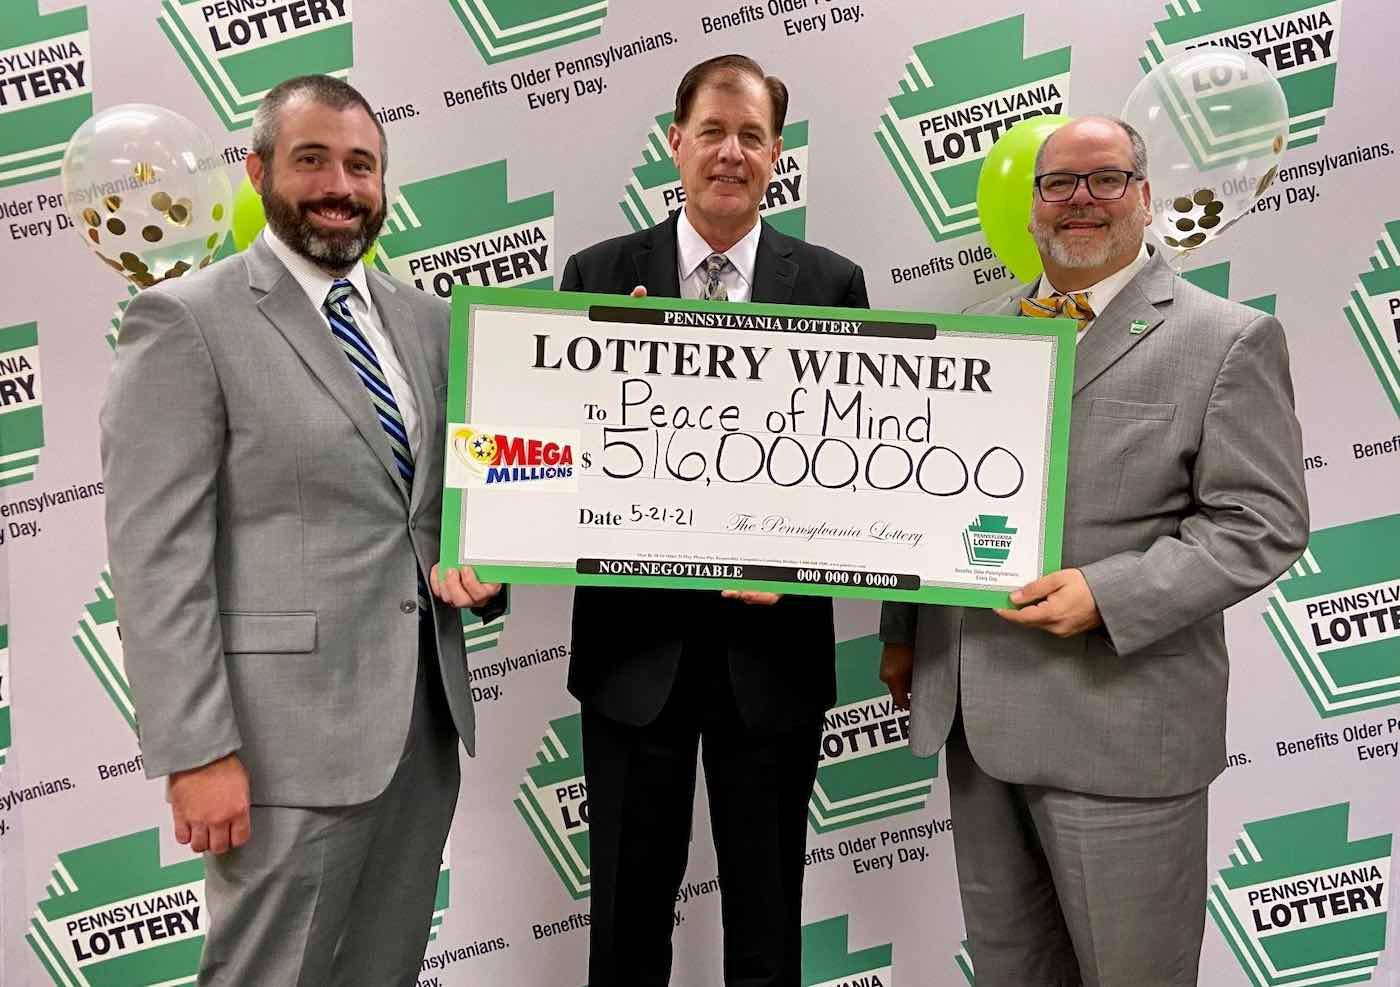 5 ganadores del Mega Millions forman un fideicomiso y reclaman $516 MILLONES